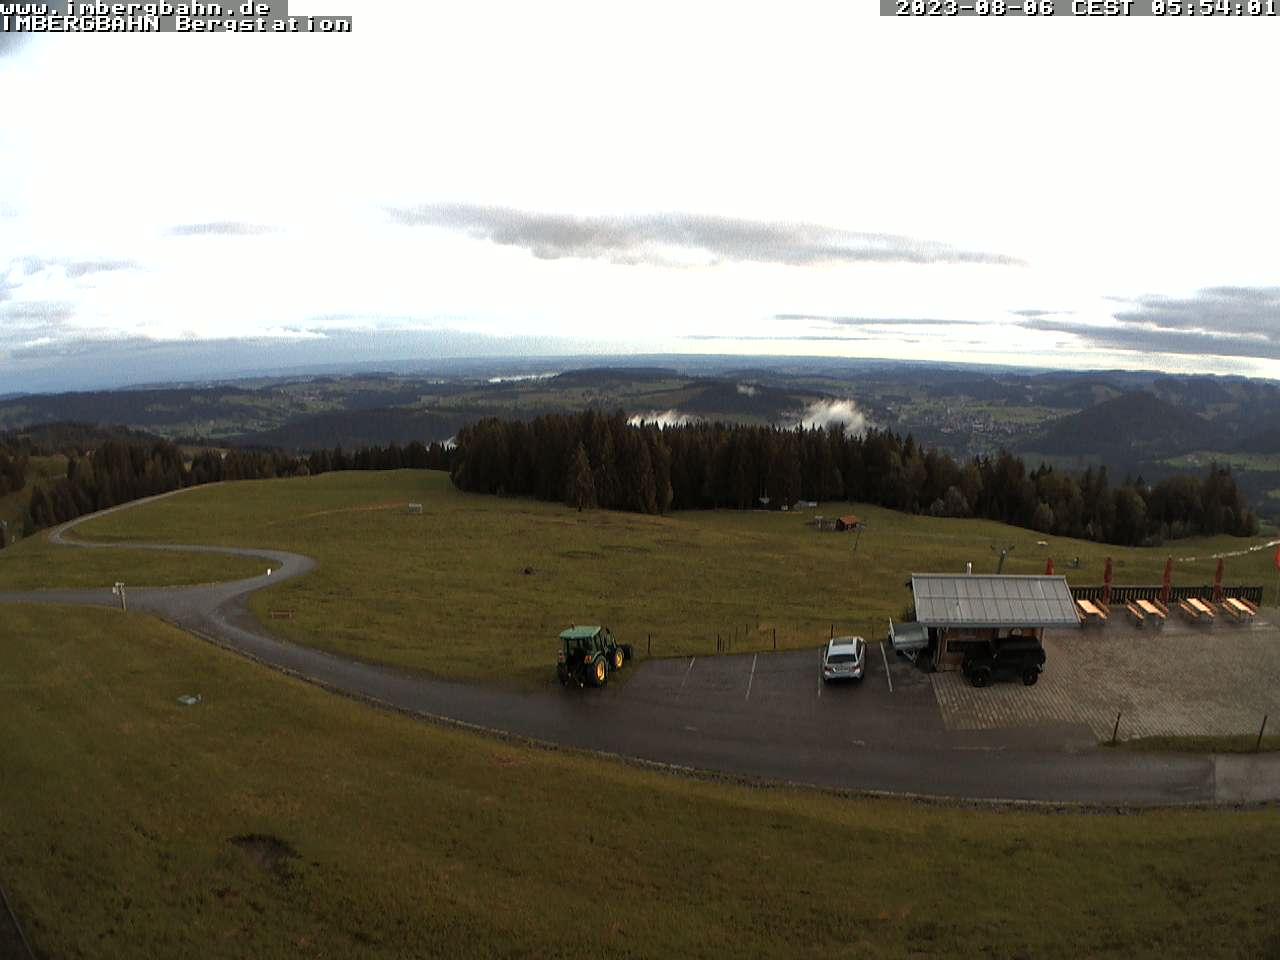 Webcam mit Blick auf die Imbergbahn in Oberstaufen